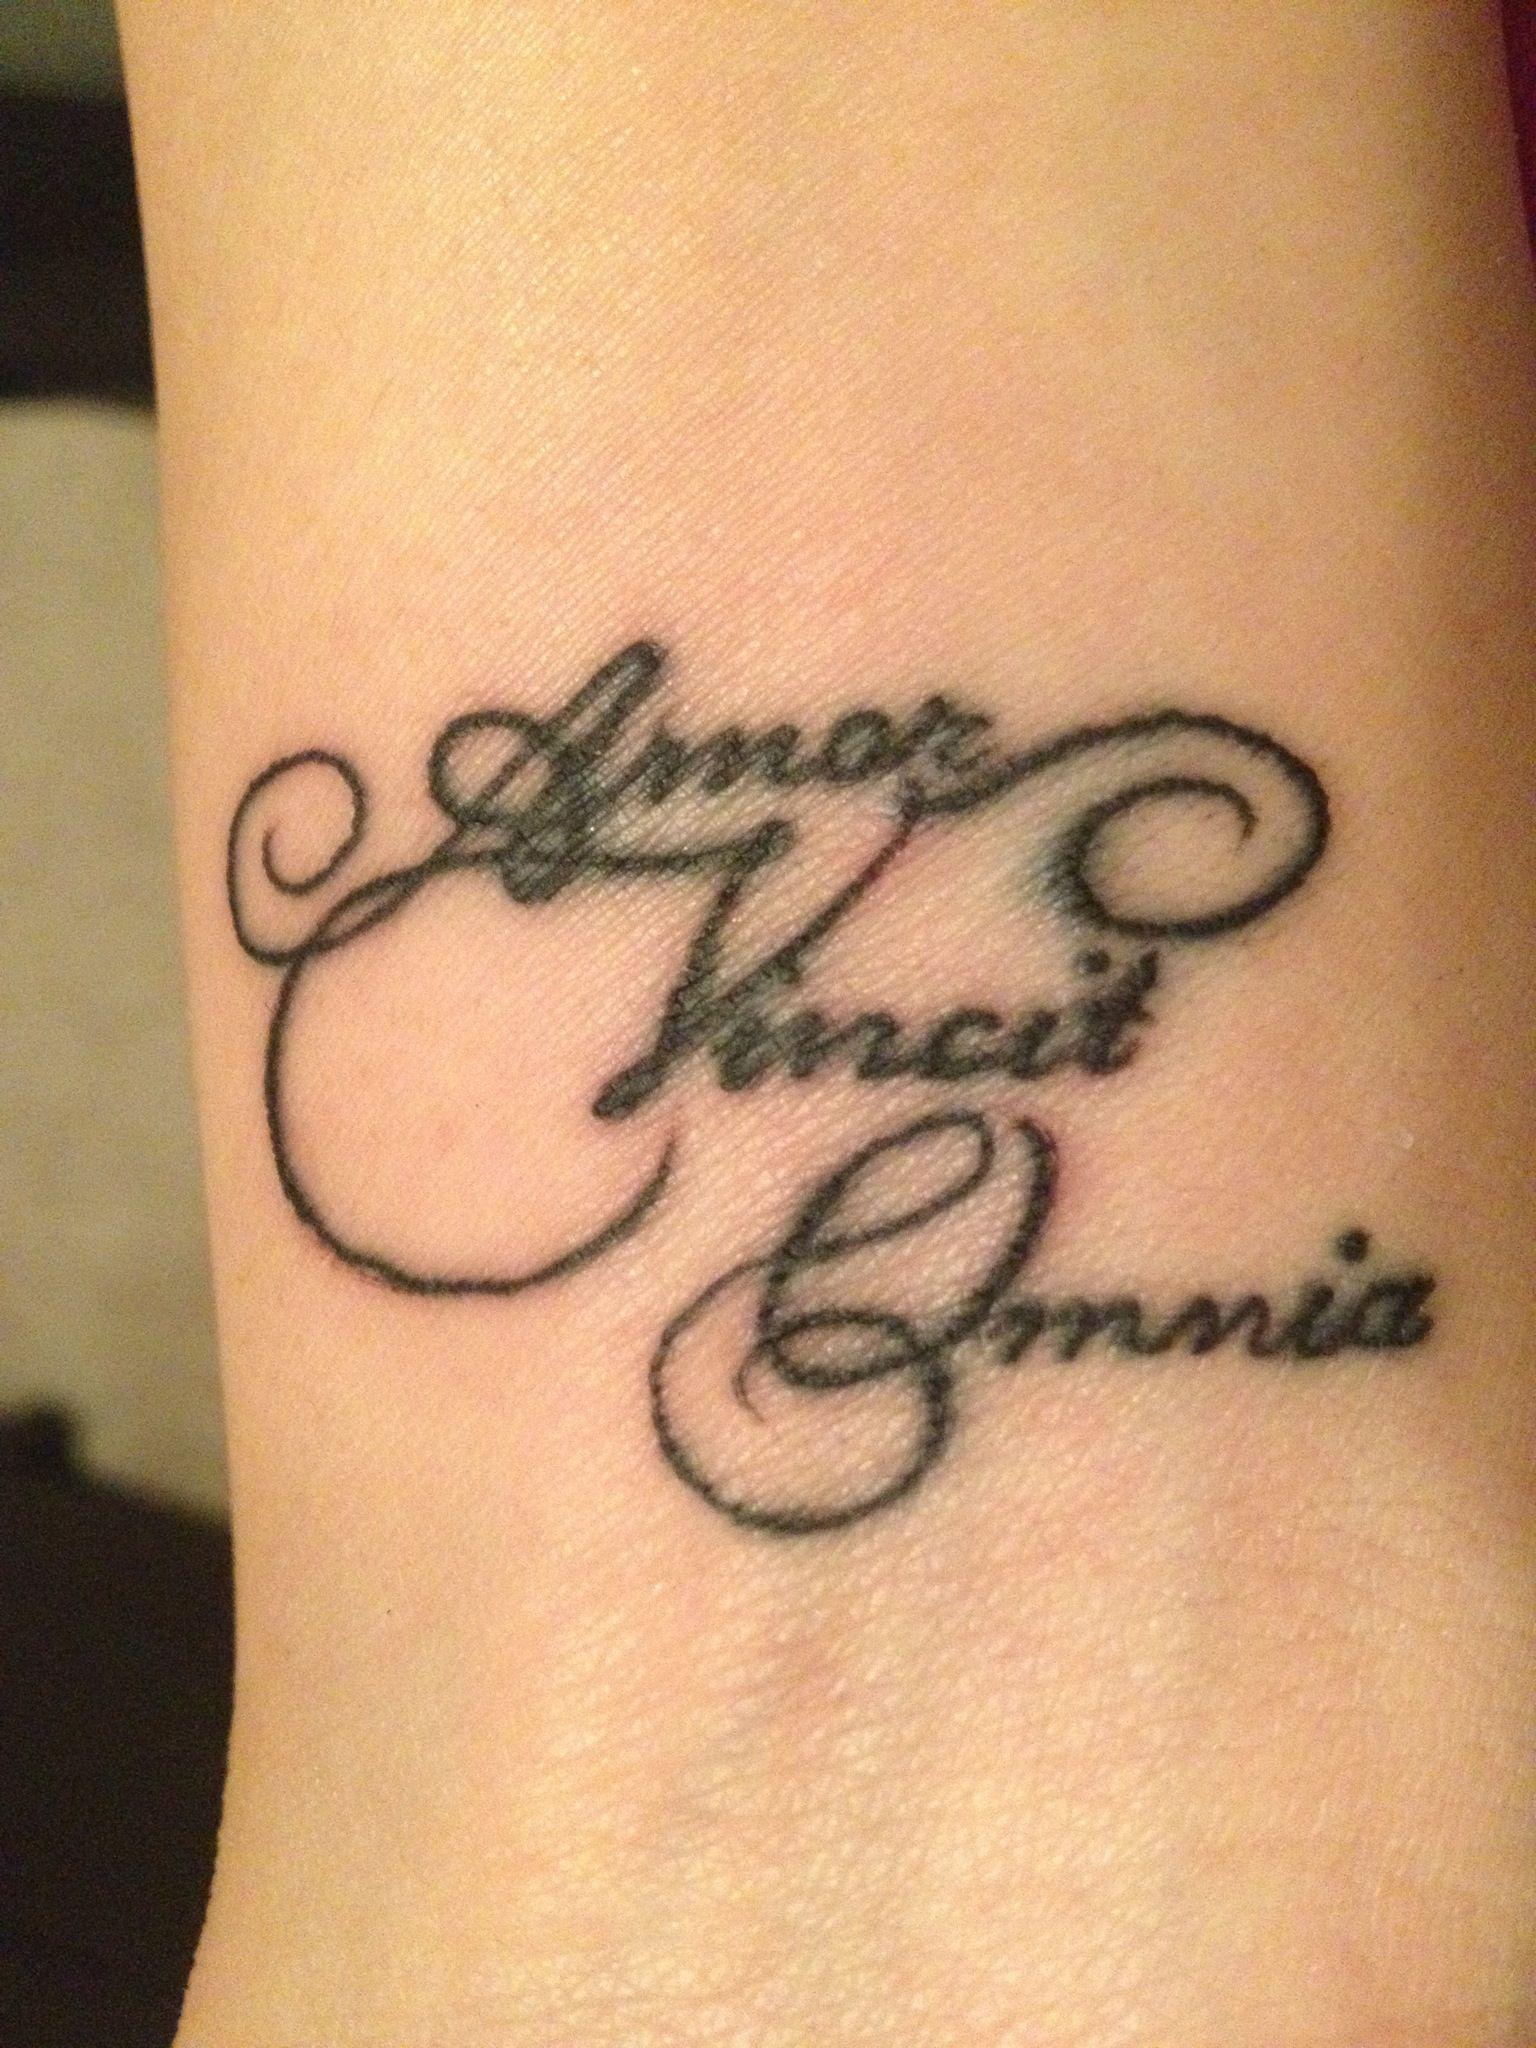 Татуировки на латыни. Афоризмы, высказывания, фразы для тату 12